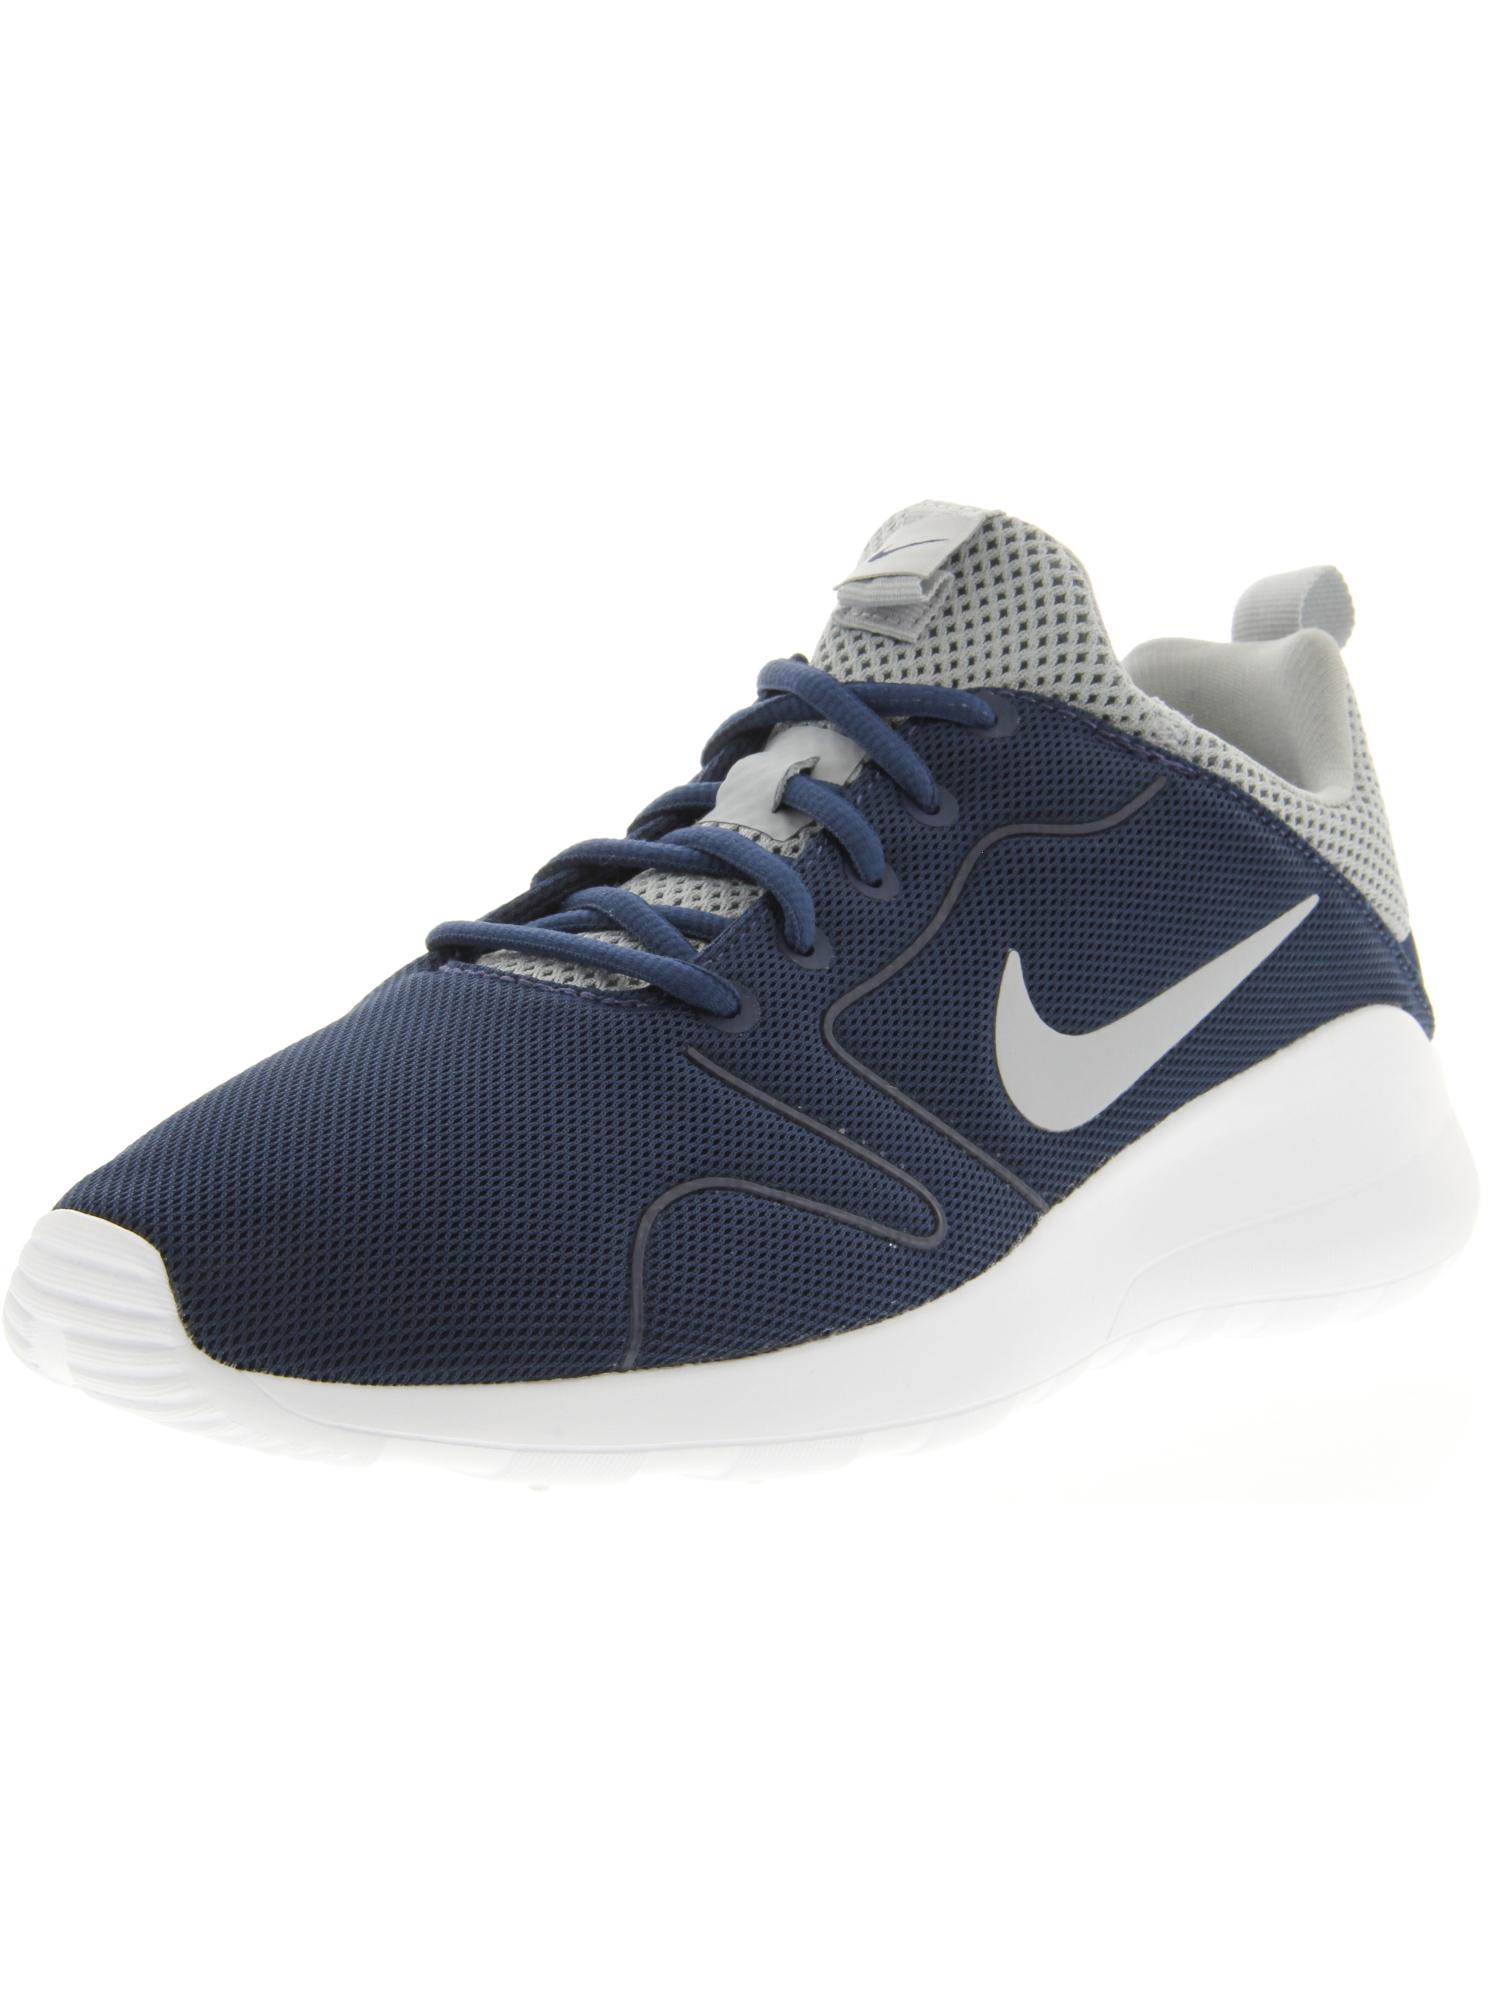 8bc6f3565658 ... Nike Men s Kaishi 2.0 Ankle-High Walking Walking Walking Shoe a58b37 ...